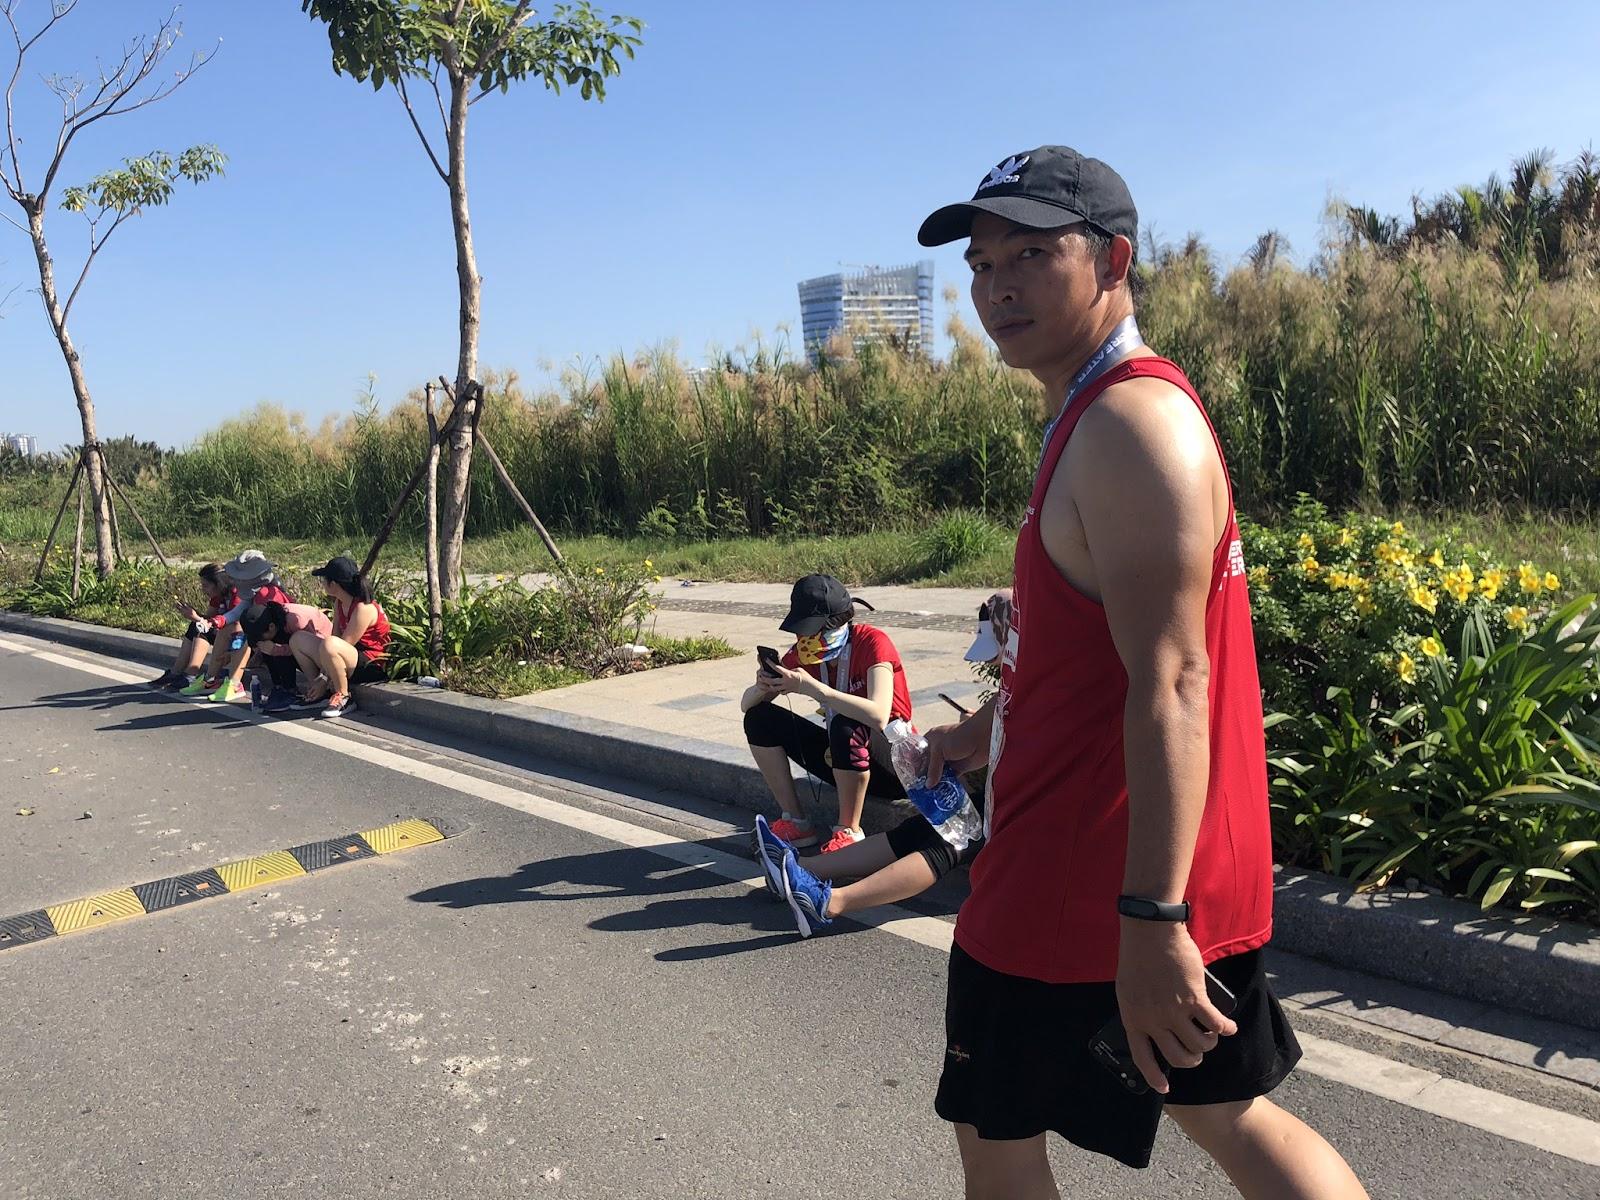 Võ Trọng Quang chạy Teckcombank marathon